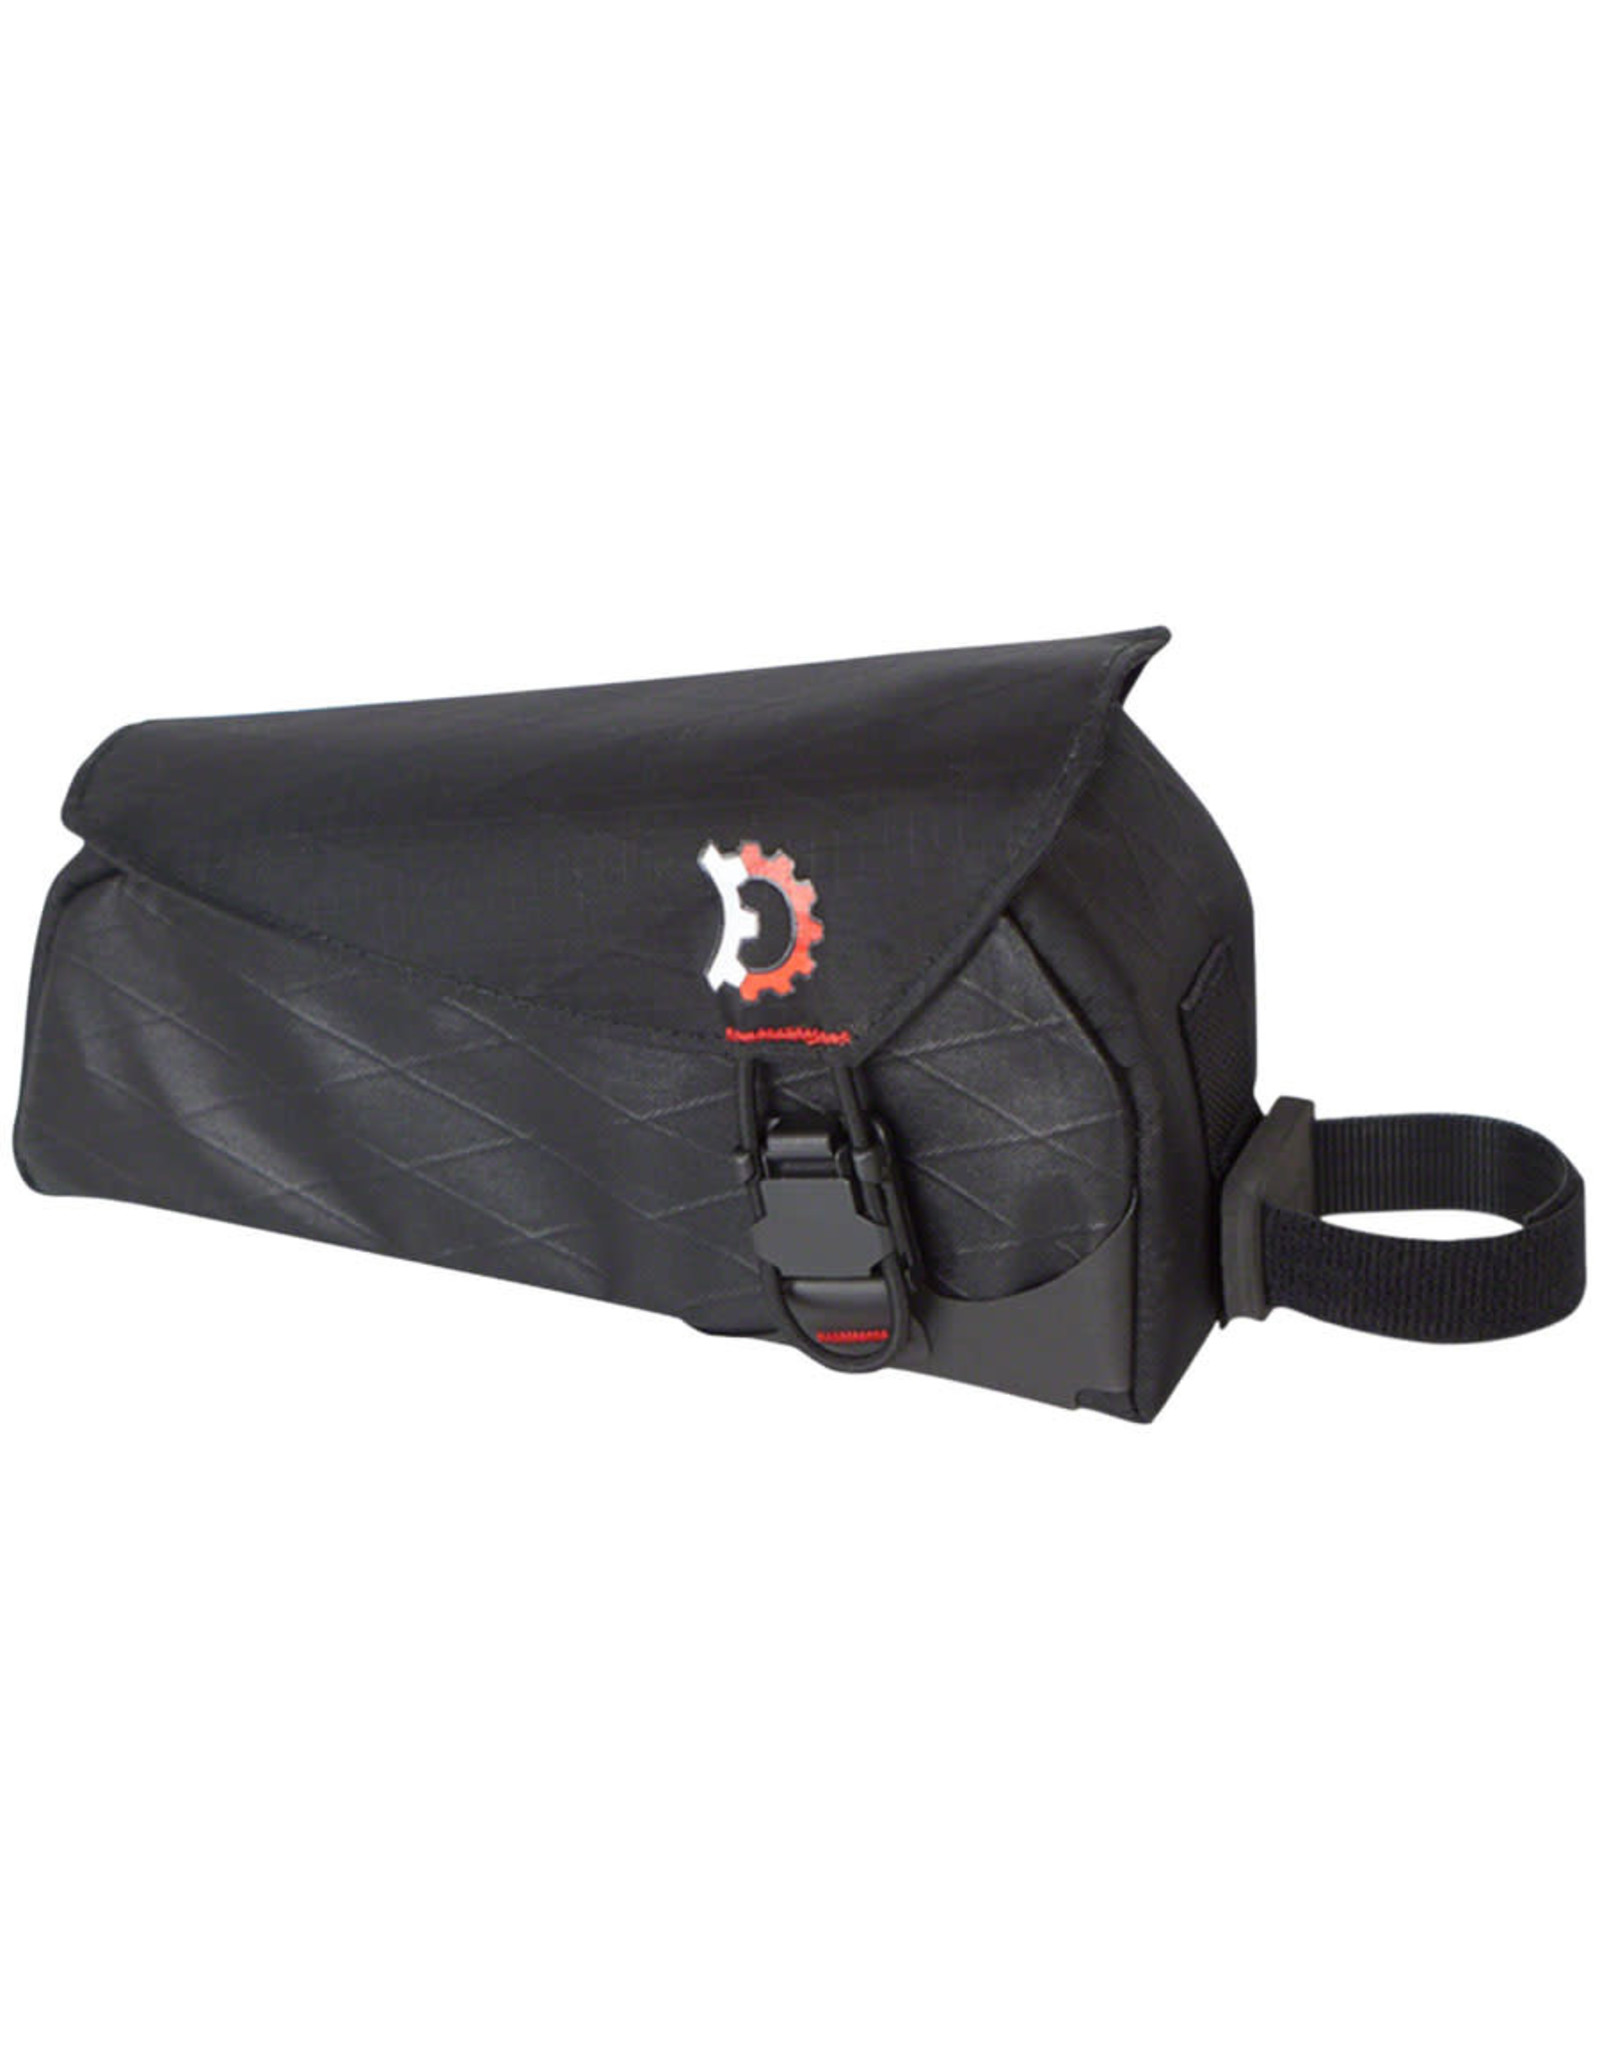 Revelate Designs Revelate Designs Mag-Tank Bolt-On Top Tube/Stem Bag: Black